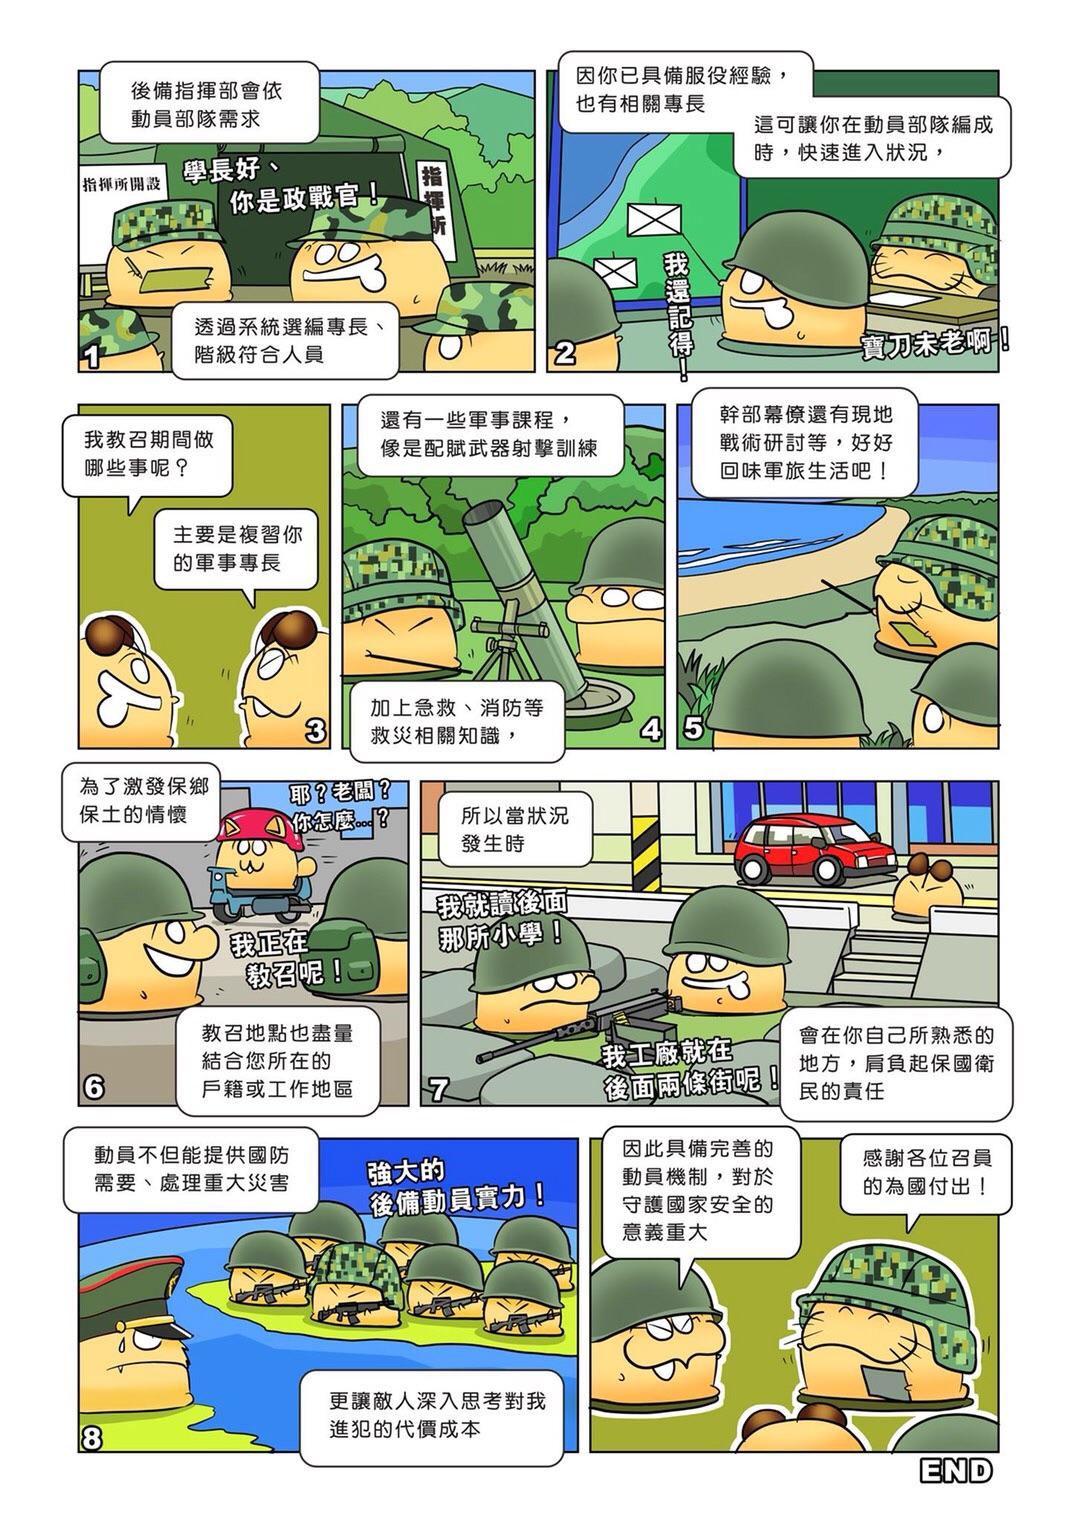 國防Online漫畫第26期-厚實民力,保鄉保土02.jpg